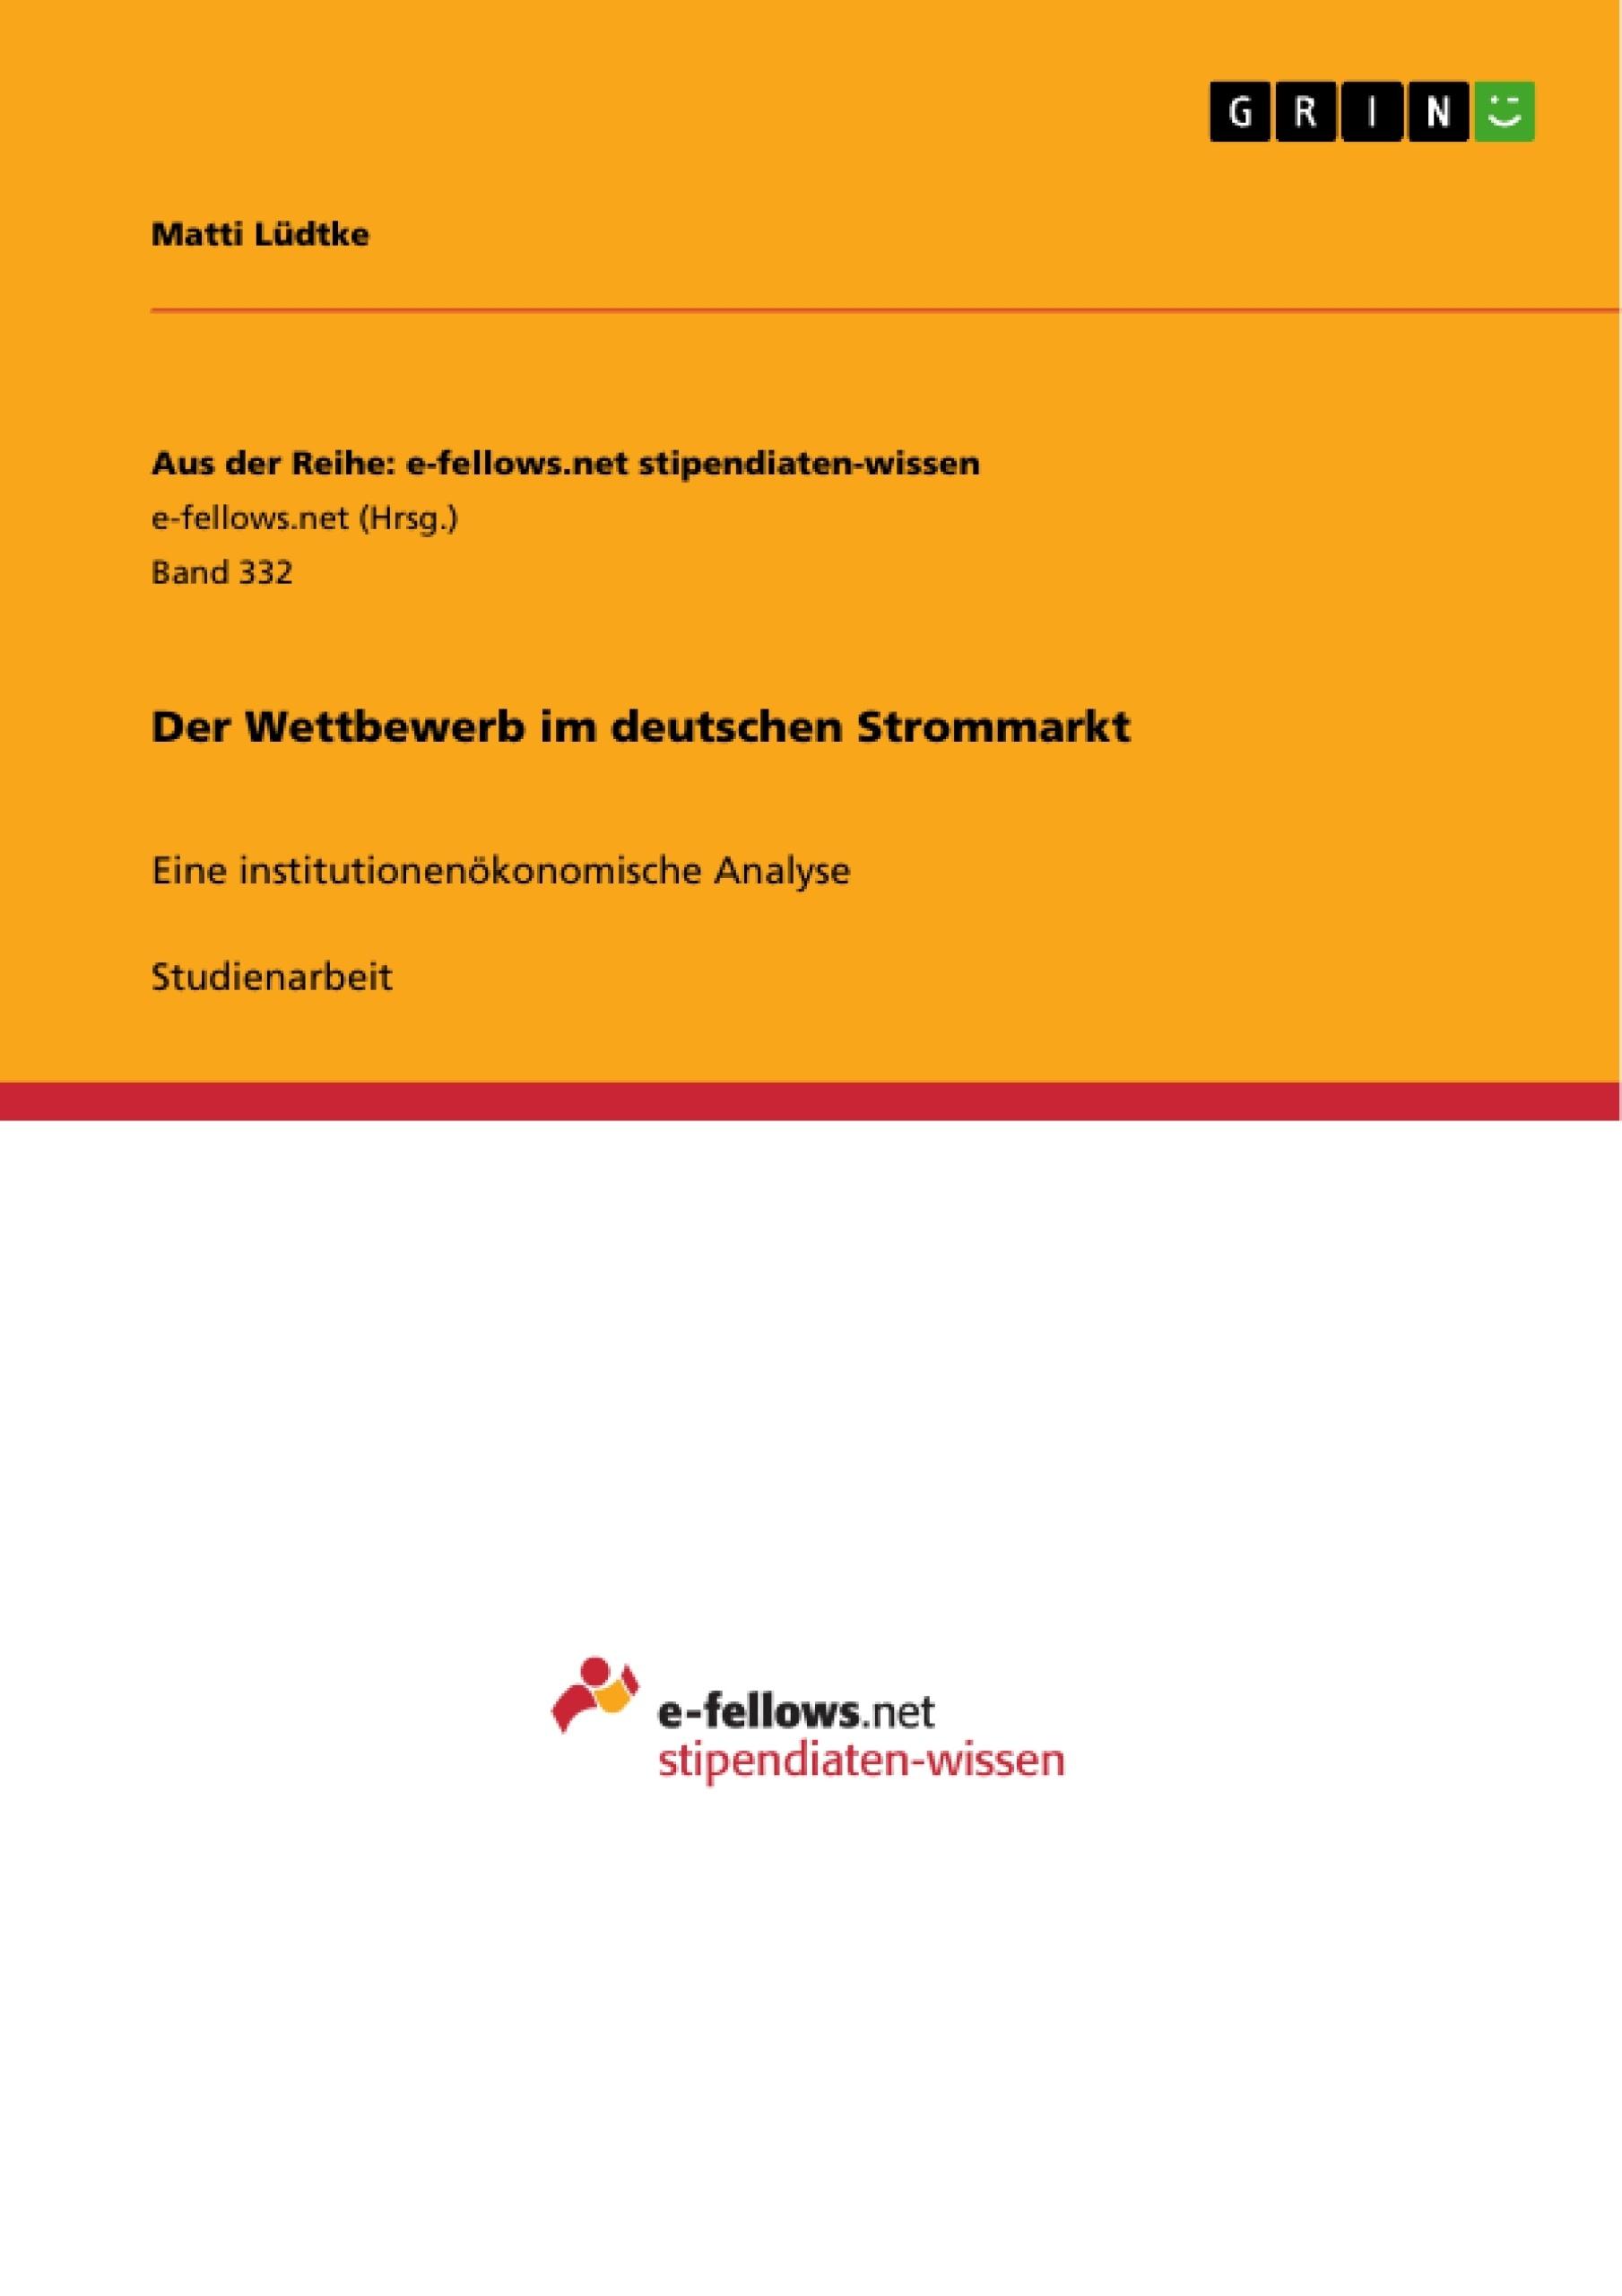 Titel: Der Wettbewerb im deutschen Strommarkt